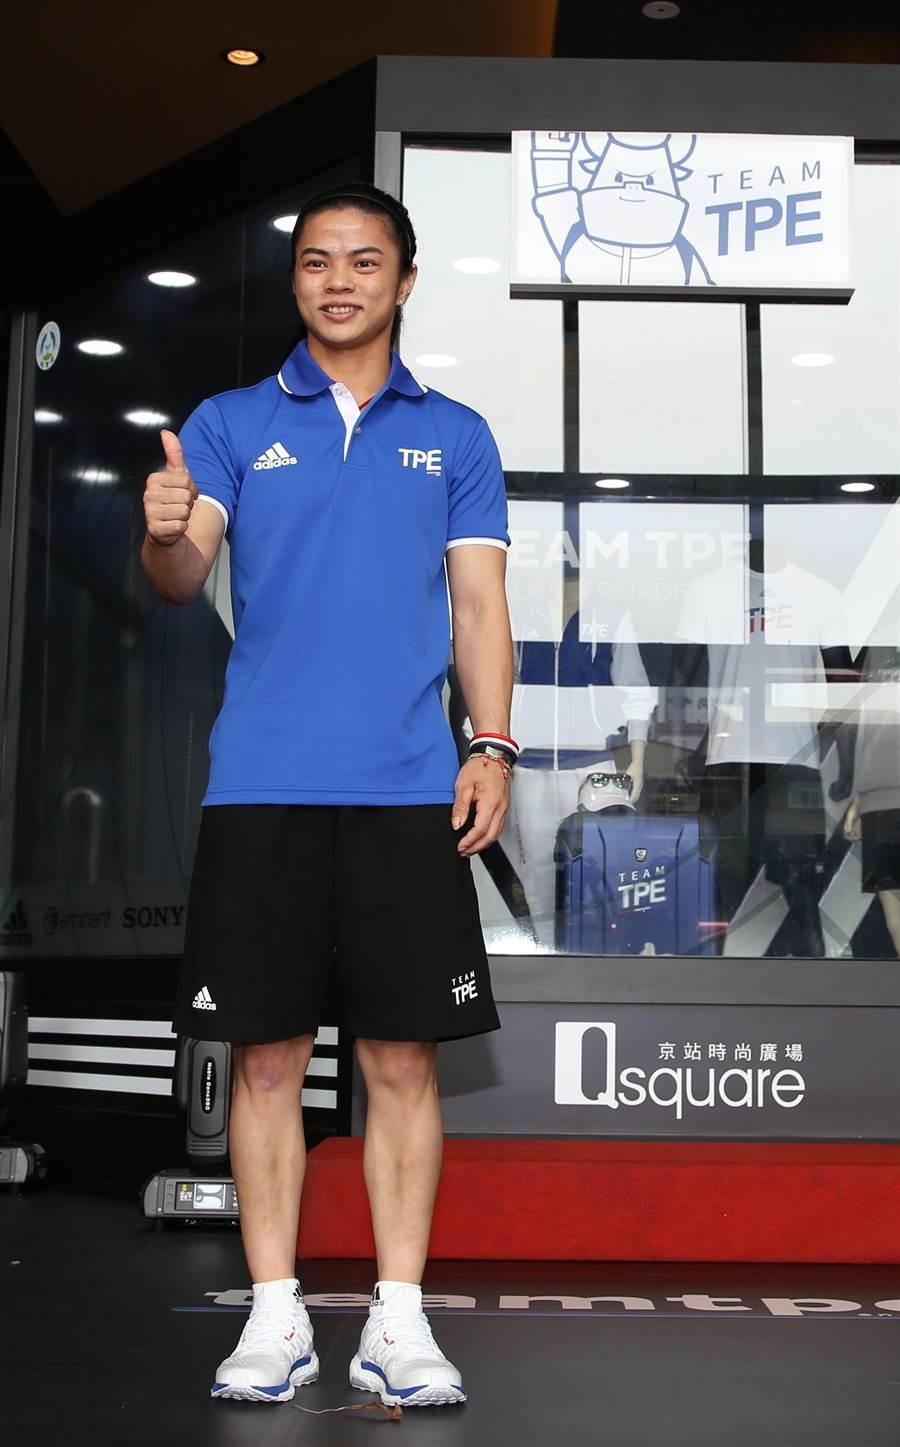 里約奧運金牌許淑淨穿著代表團新服裝帥氣走秀。(李弘斌攝)